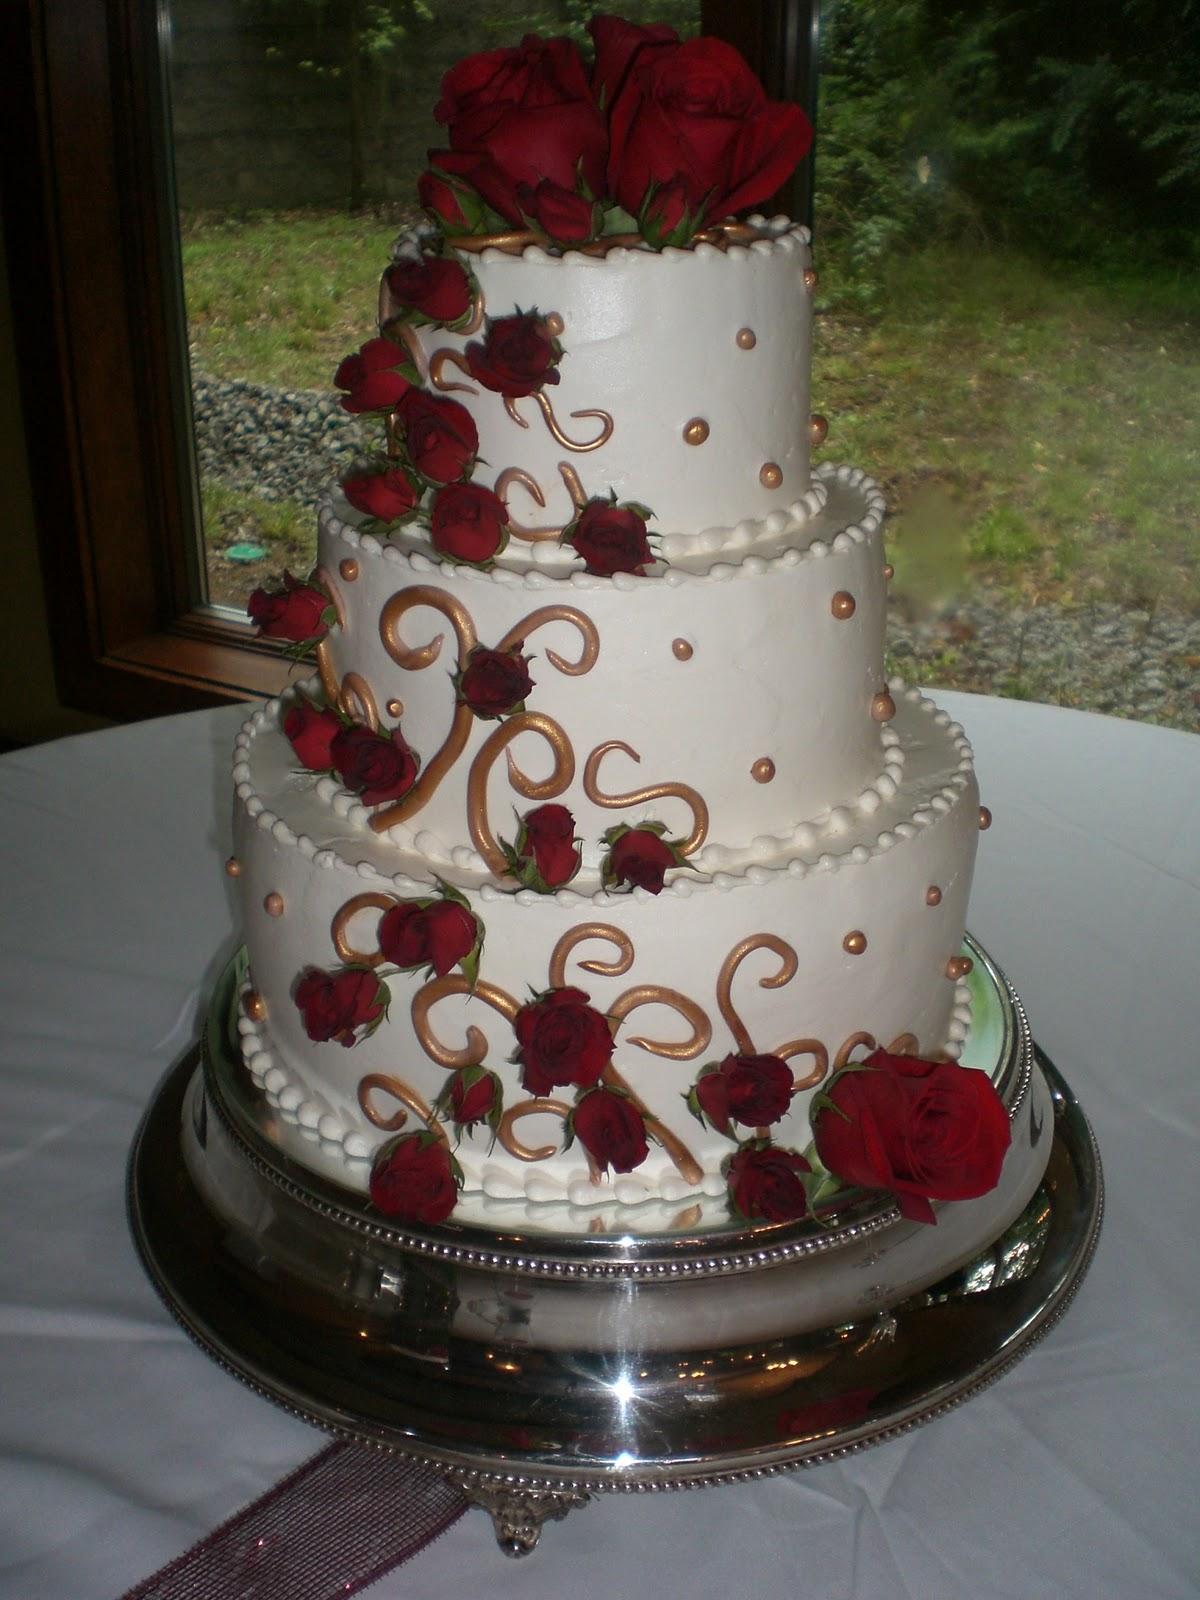 karen my dream wedding cake. Black Bedroom Furniture Sets. Home Design Ideas